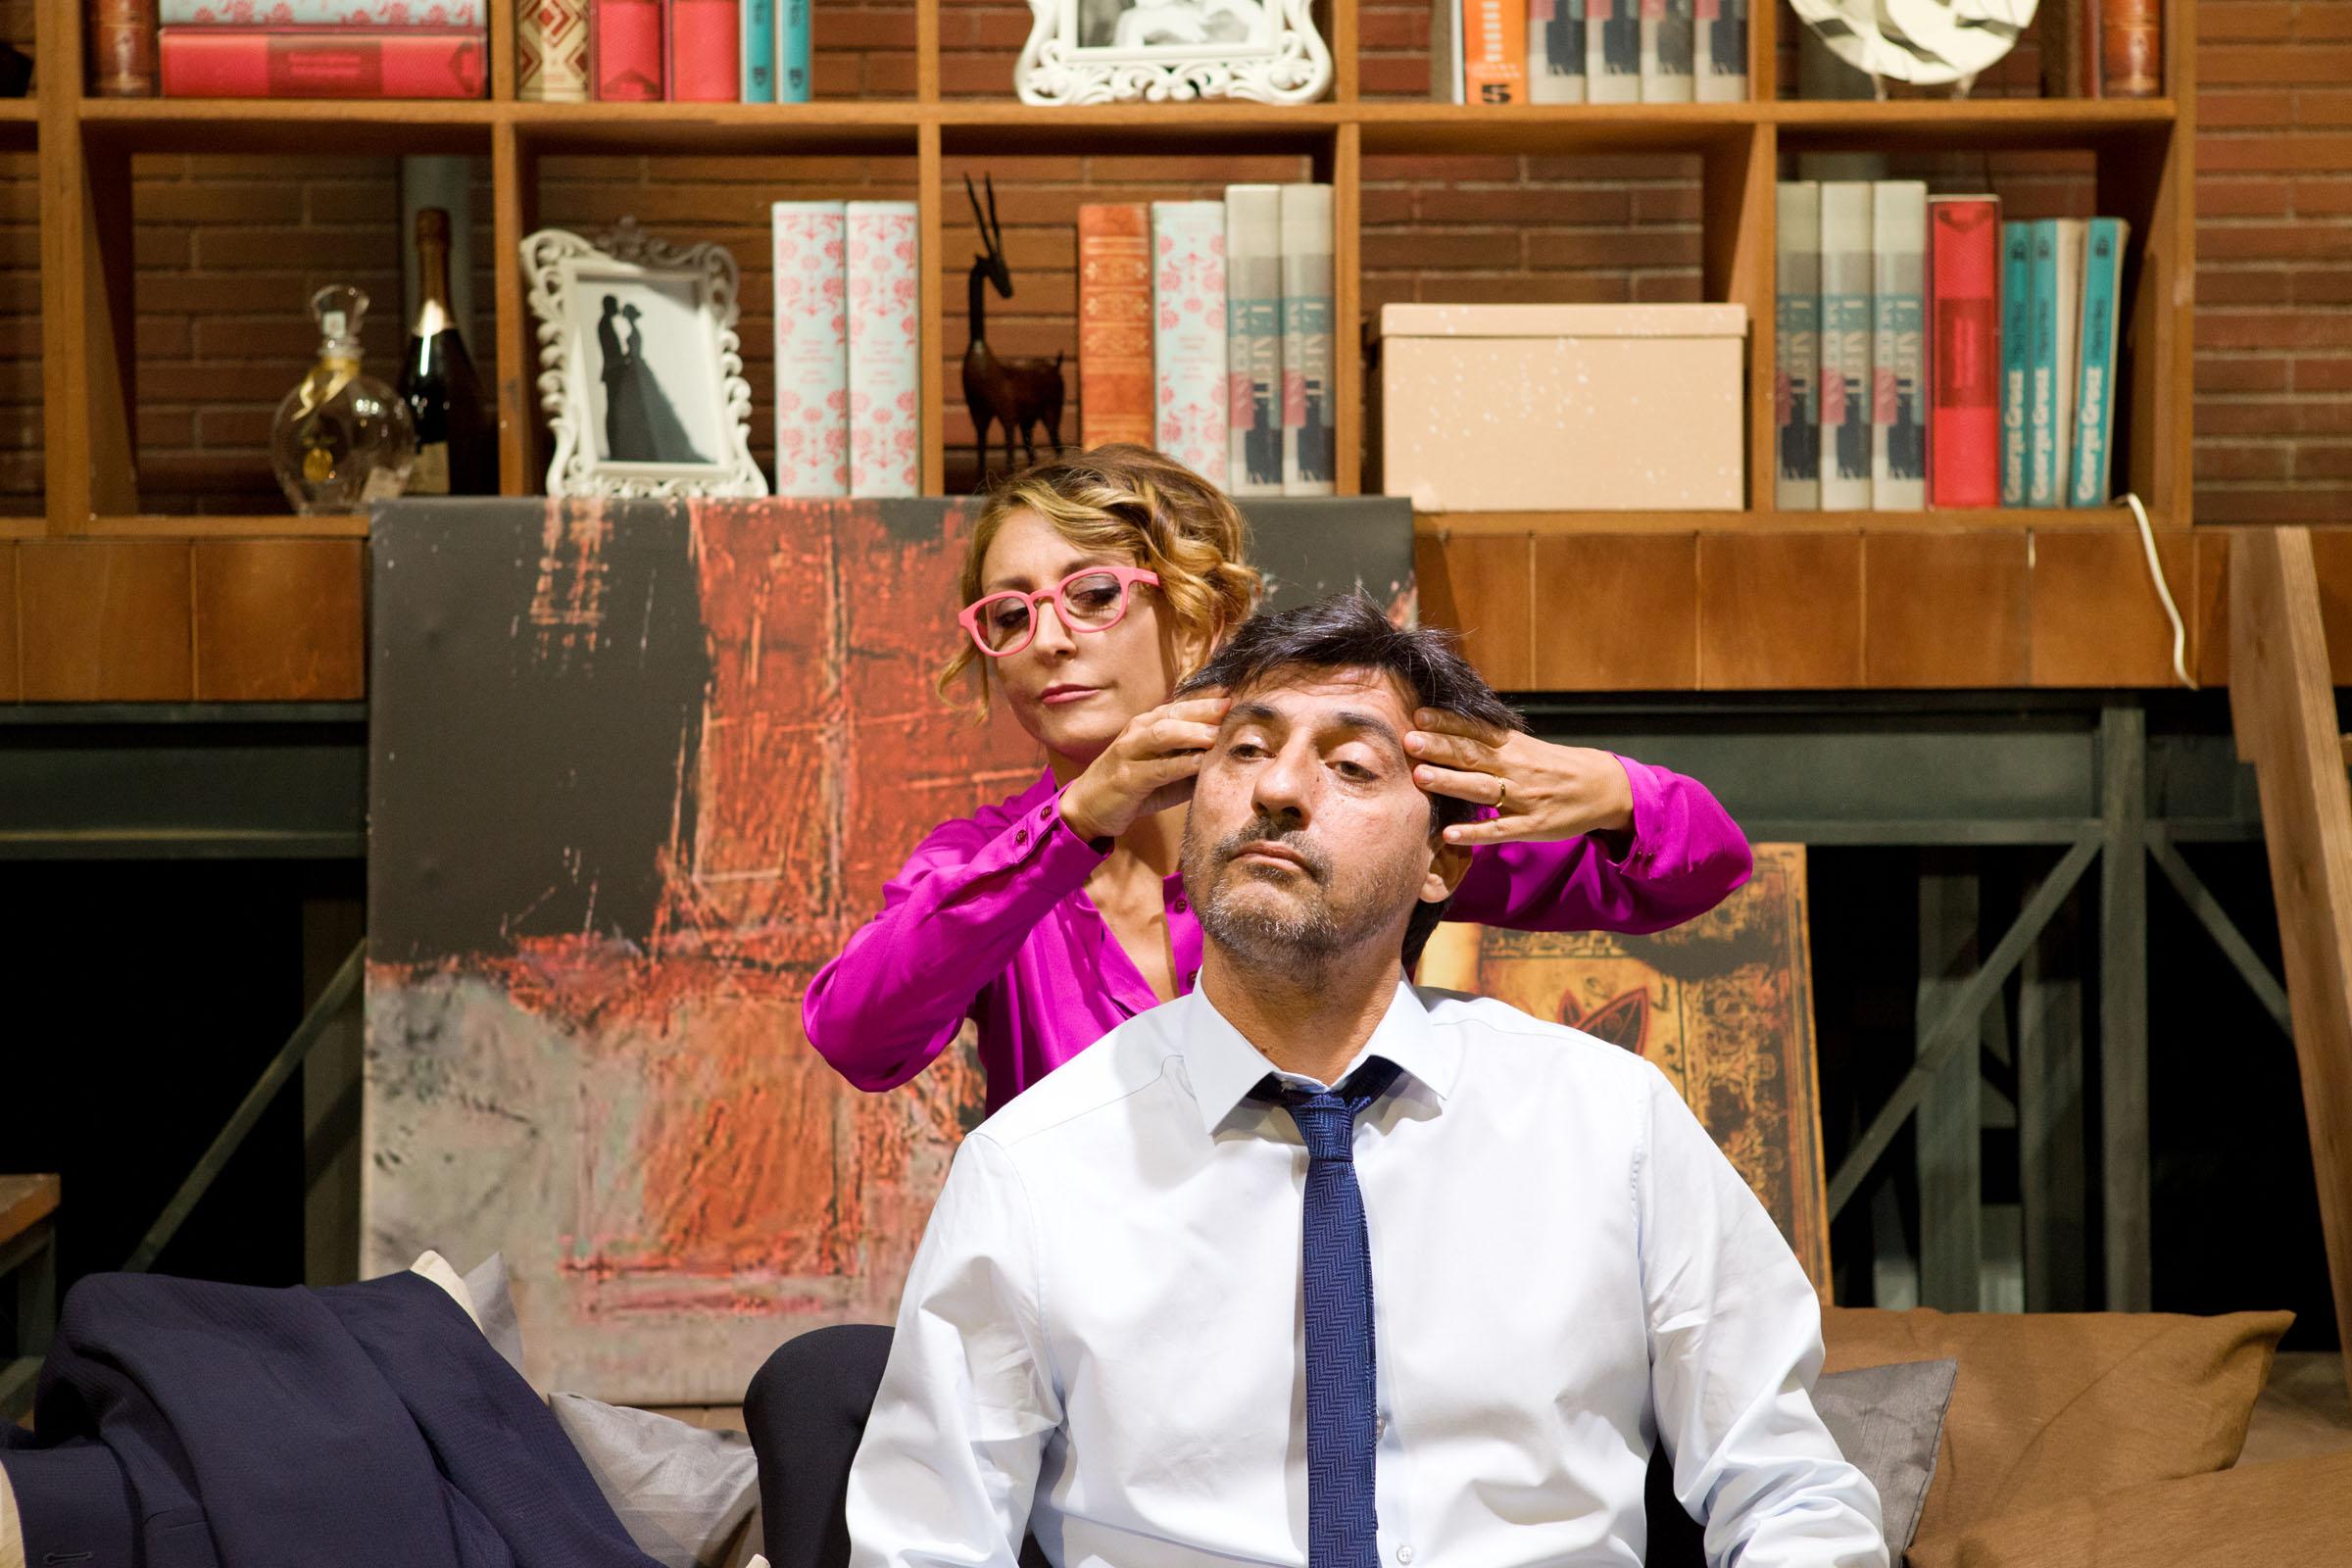 Emilio Solfrizzi e Paola Minaccioni